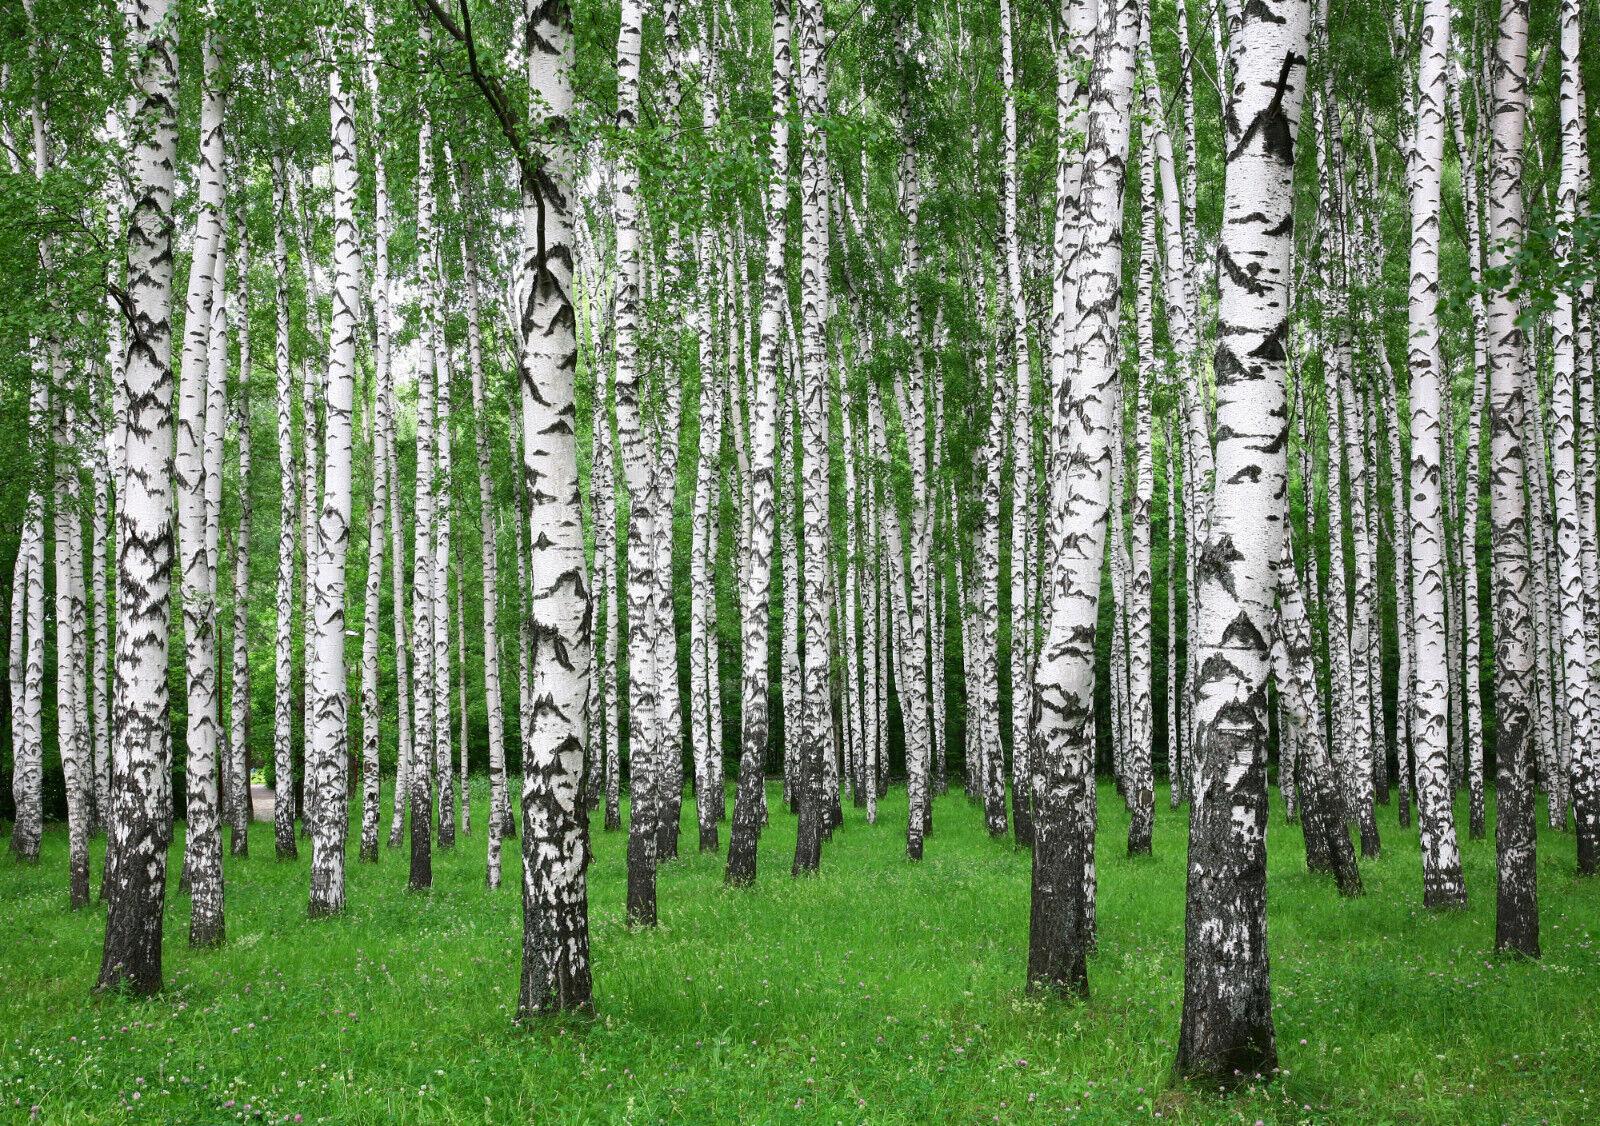 Fototapete-BIRKEN WALD-(390P)-350x260cm-7Bahnen 50x260cm-Blumen Bäume Sommer XXL